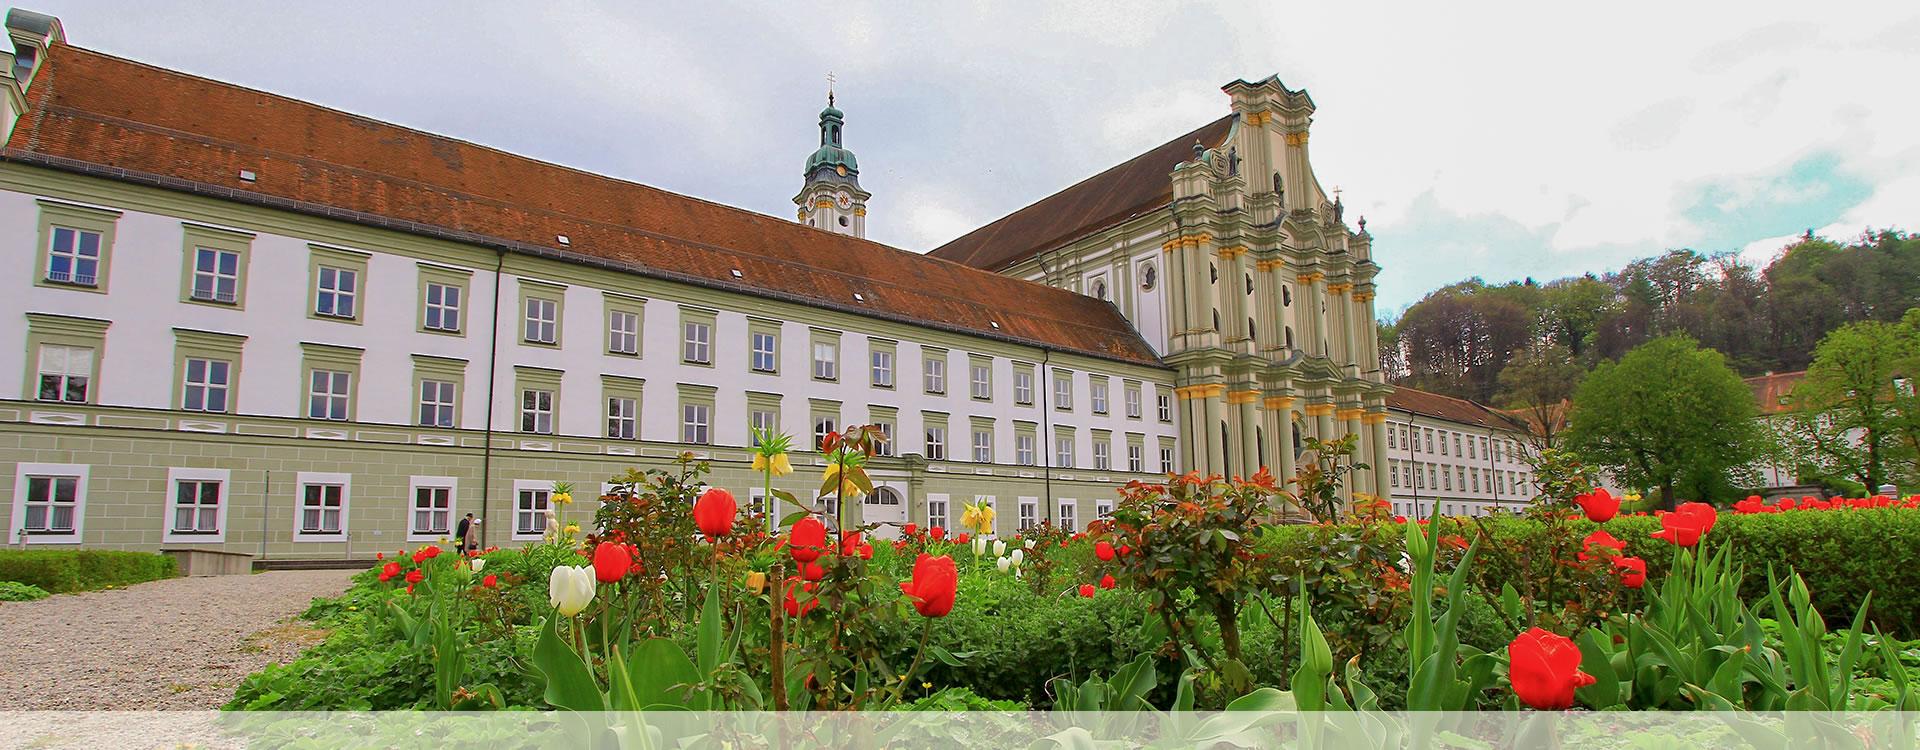 Hotel Villa Eichenau bei Fürstenfeldbruck